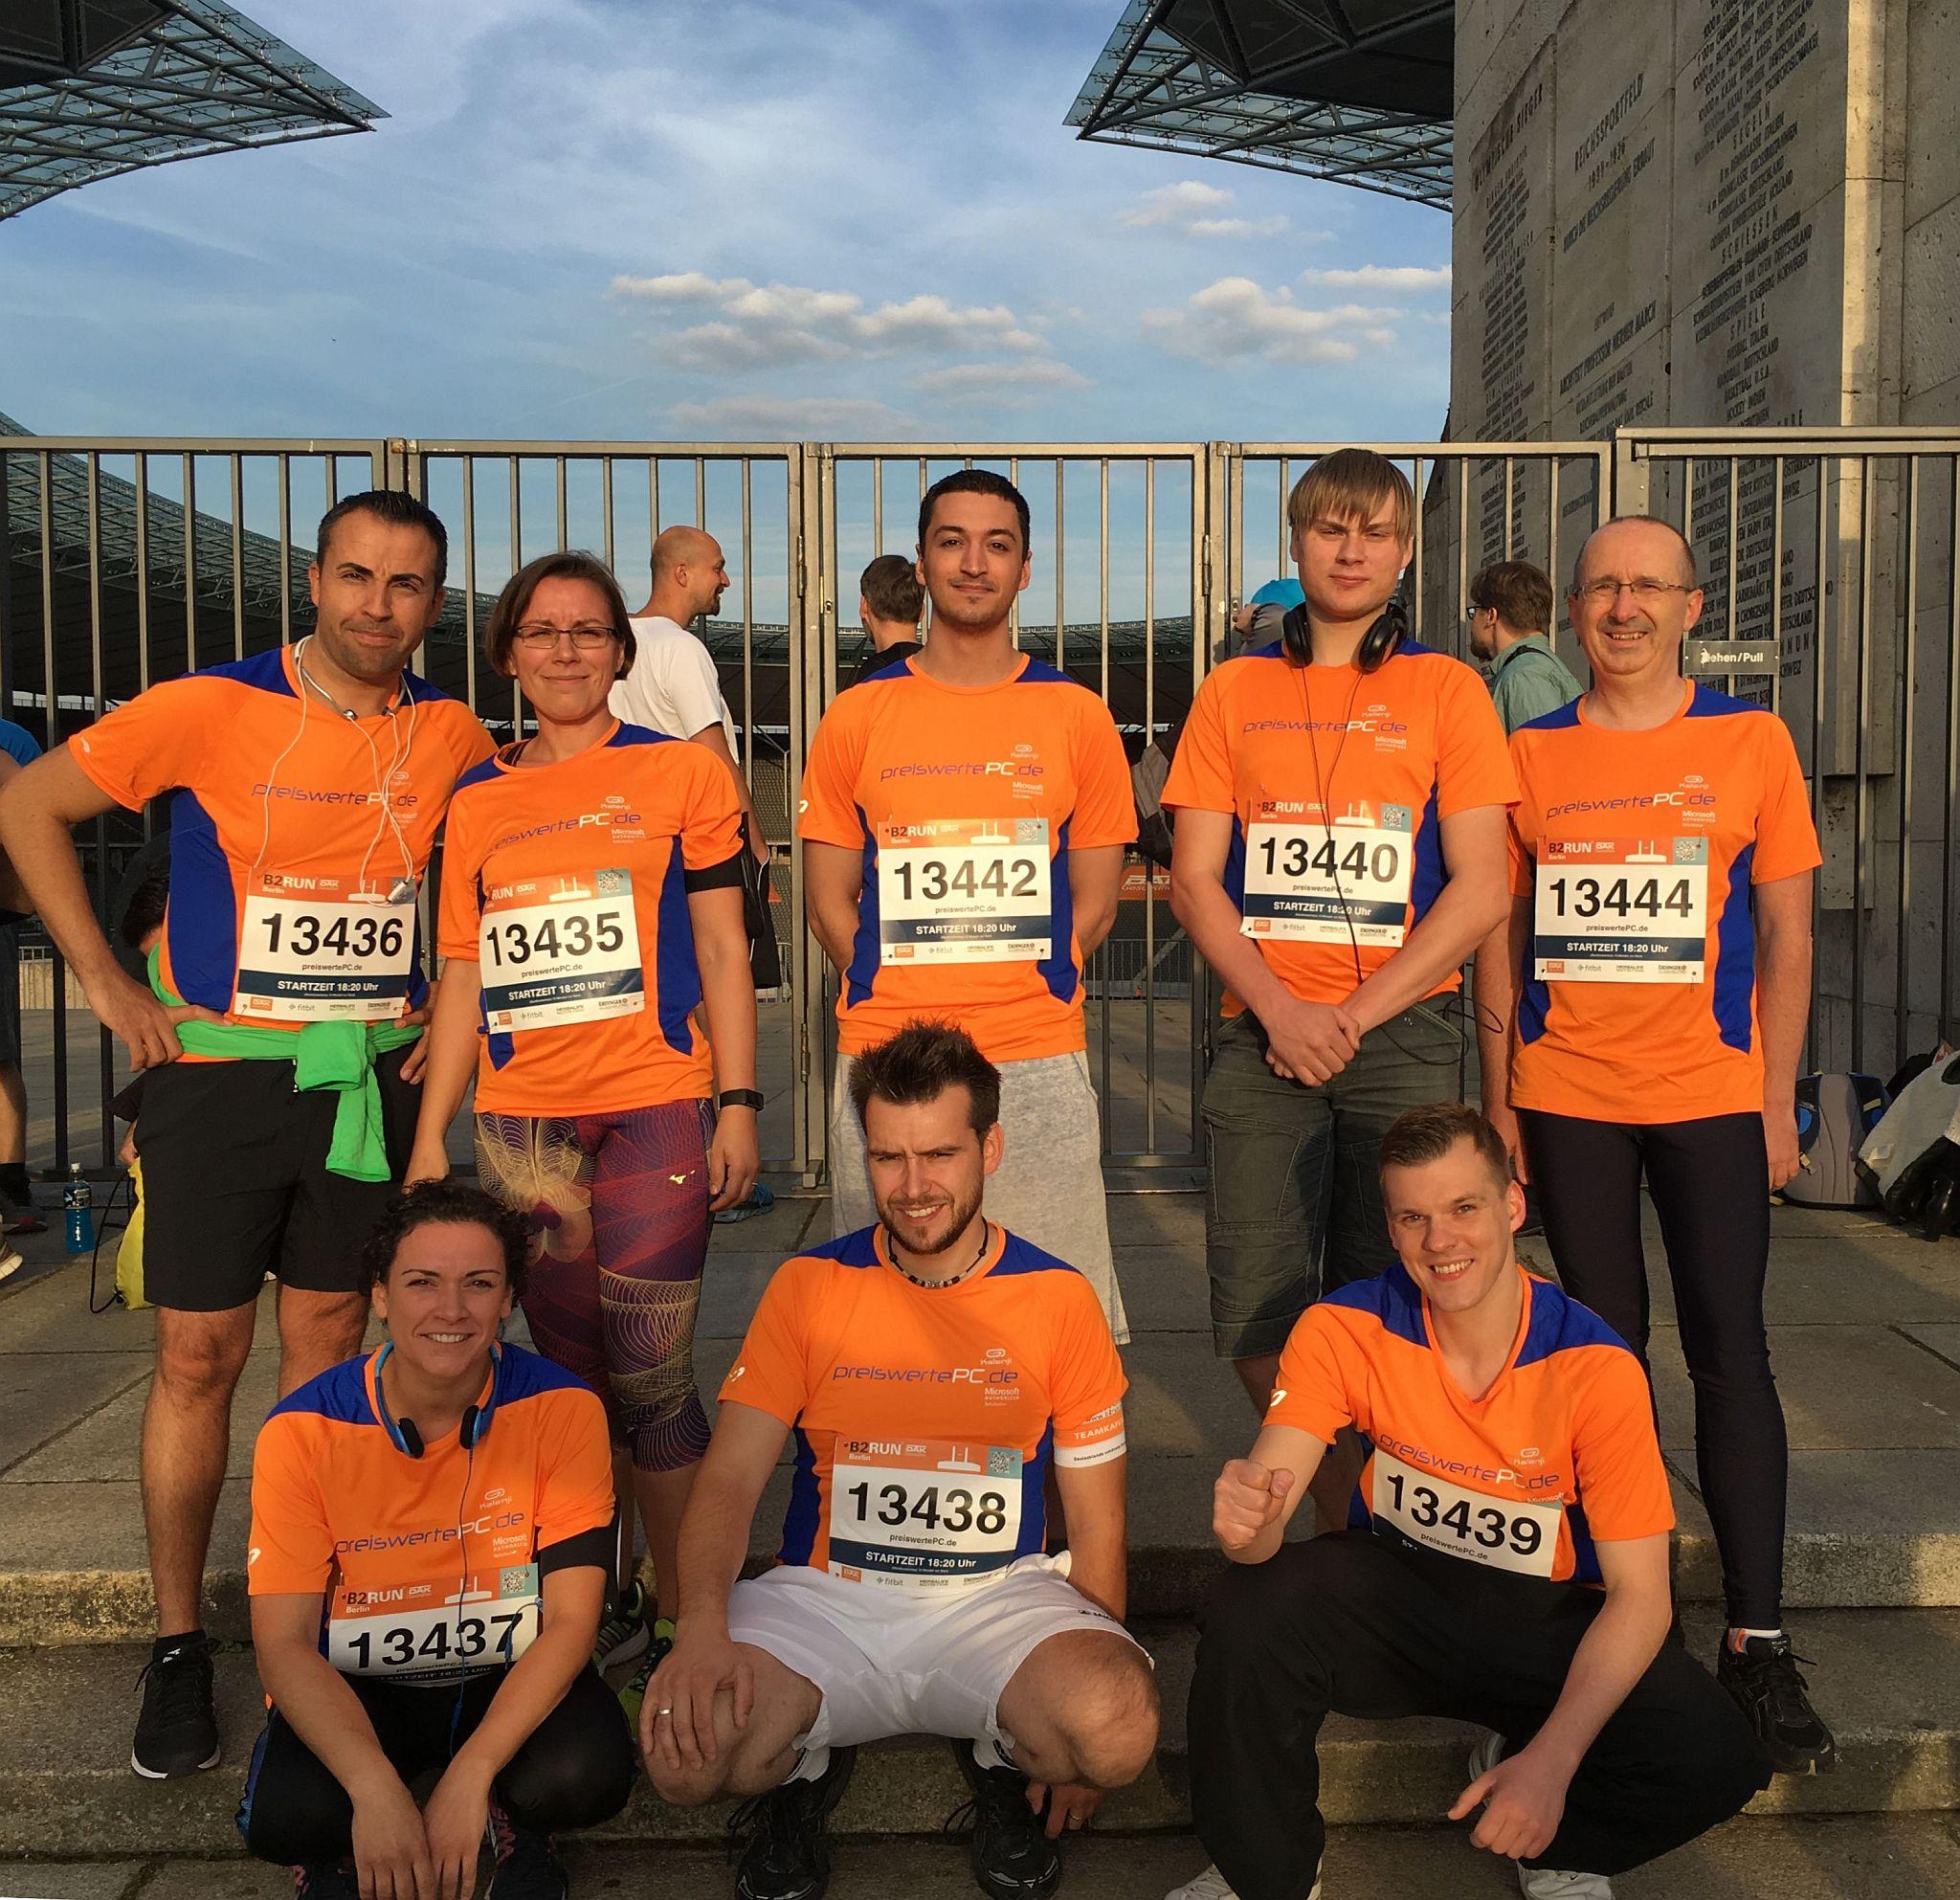 B2RUN - unser Team vor dem Lauf